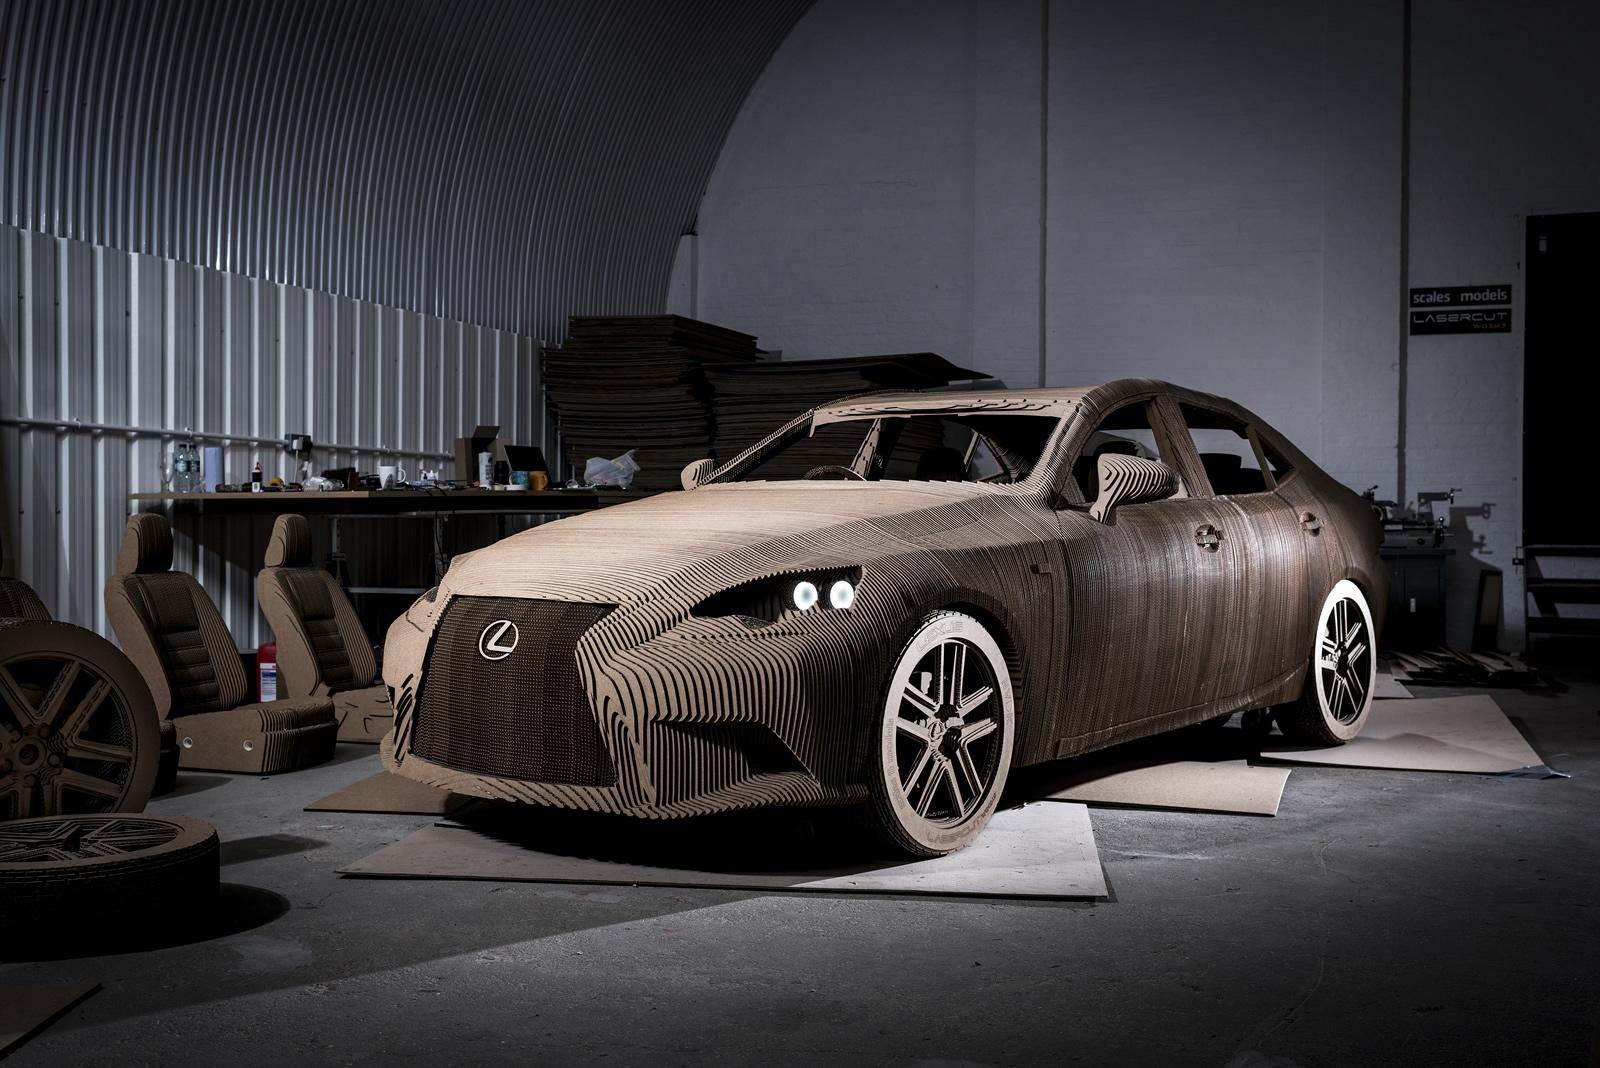 [Image: S0-Lexus-devoile-une-IS-roulante-en-carton-363736.jpg]